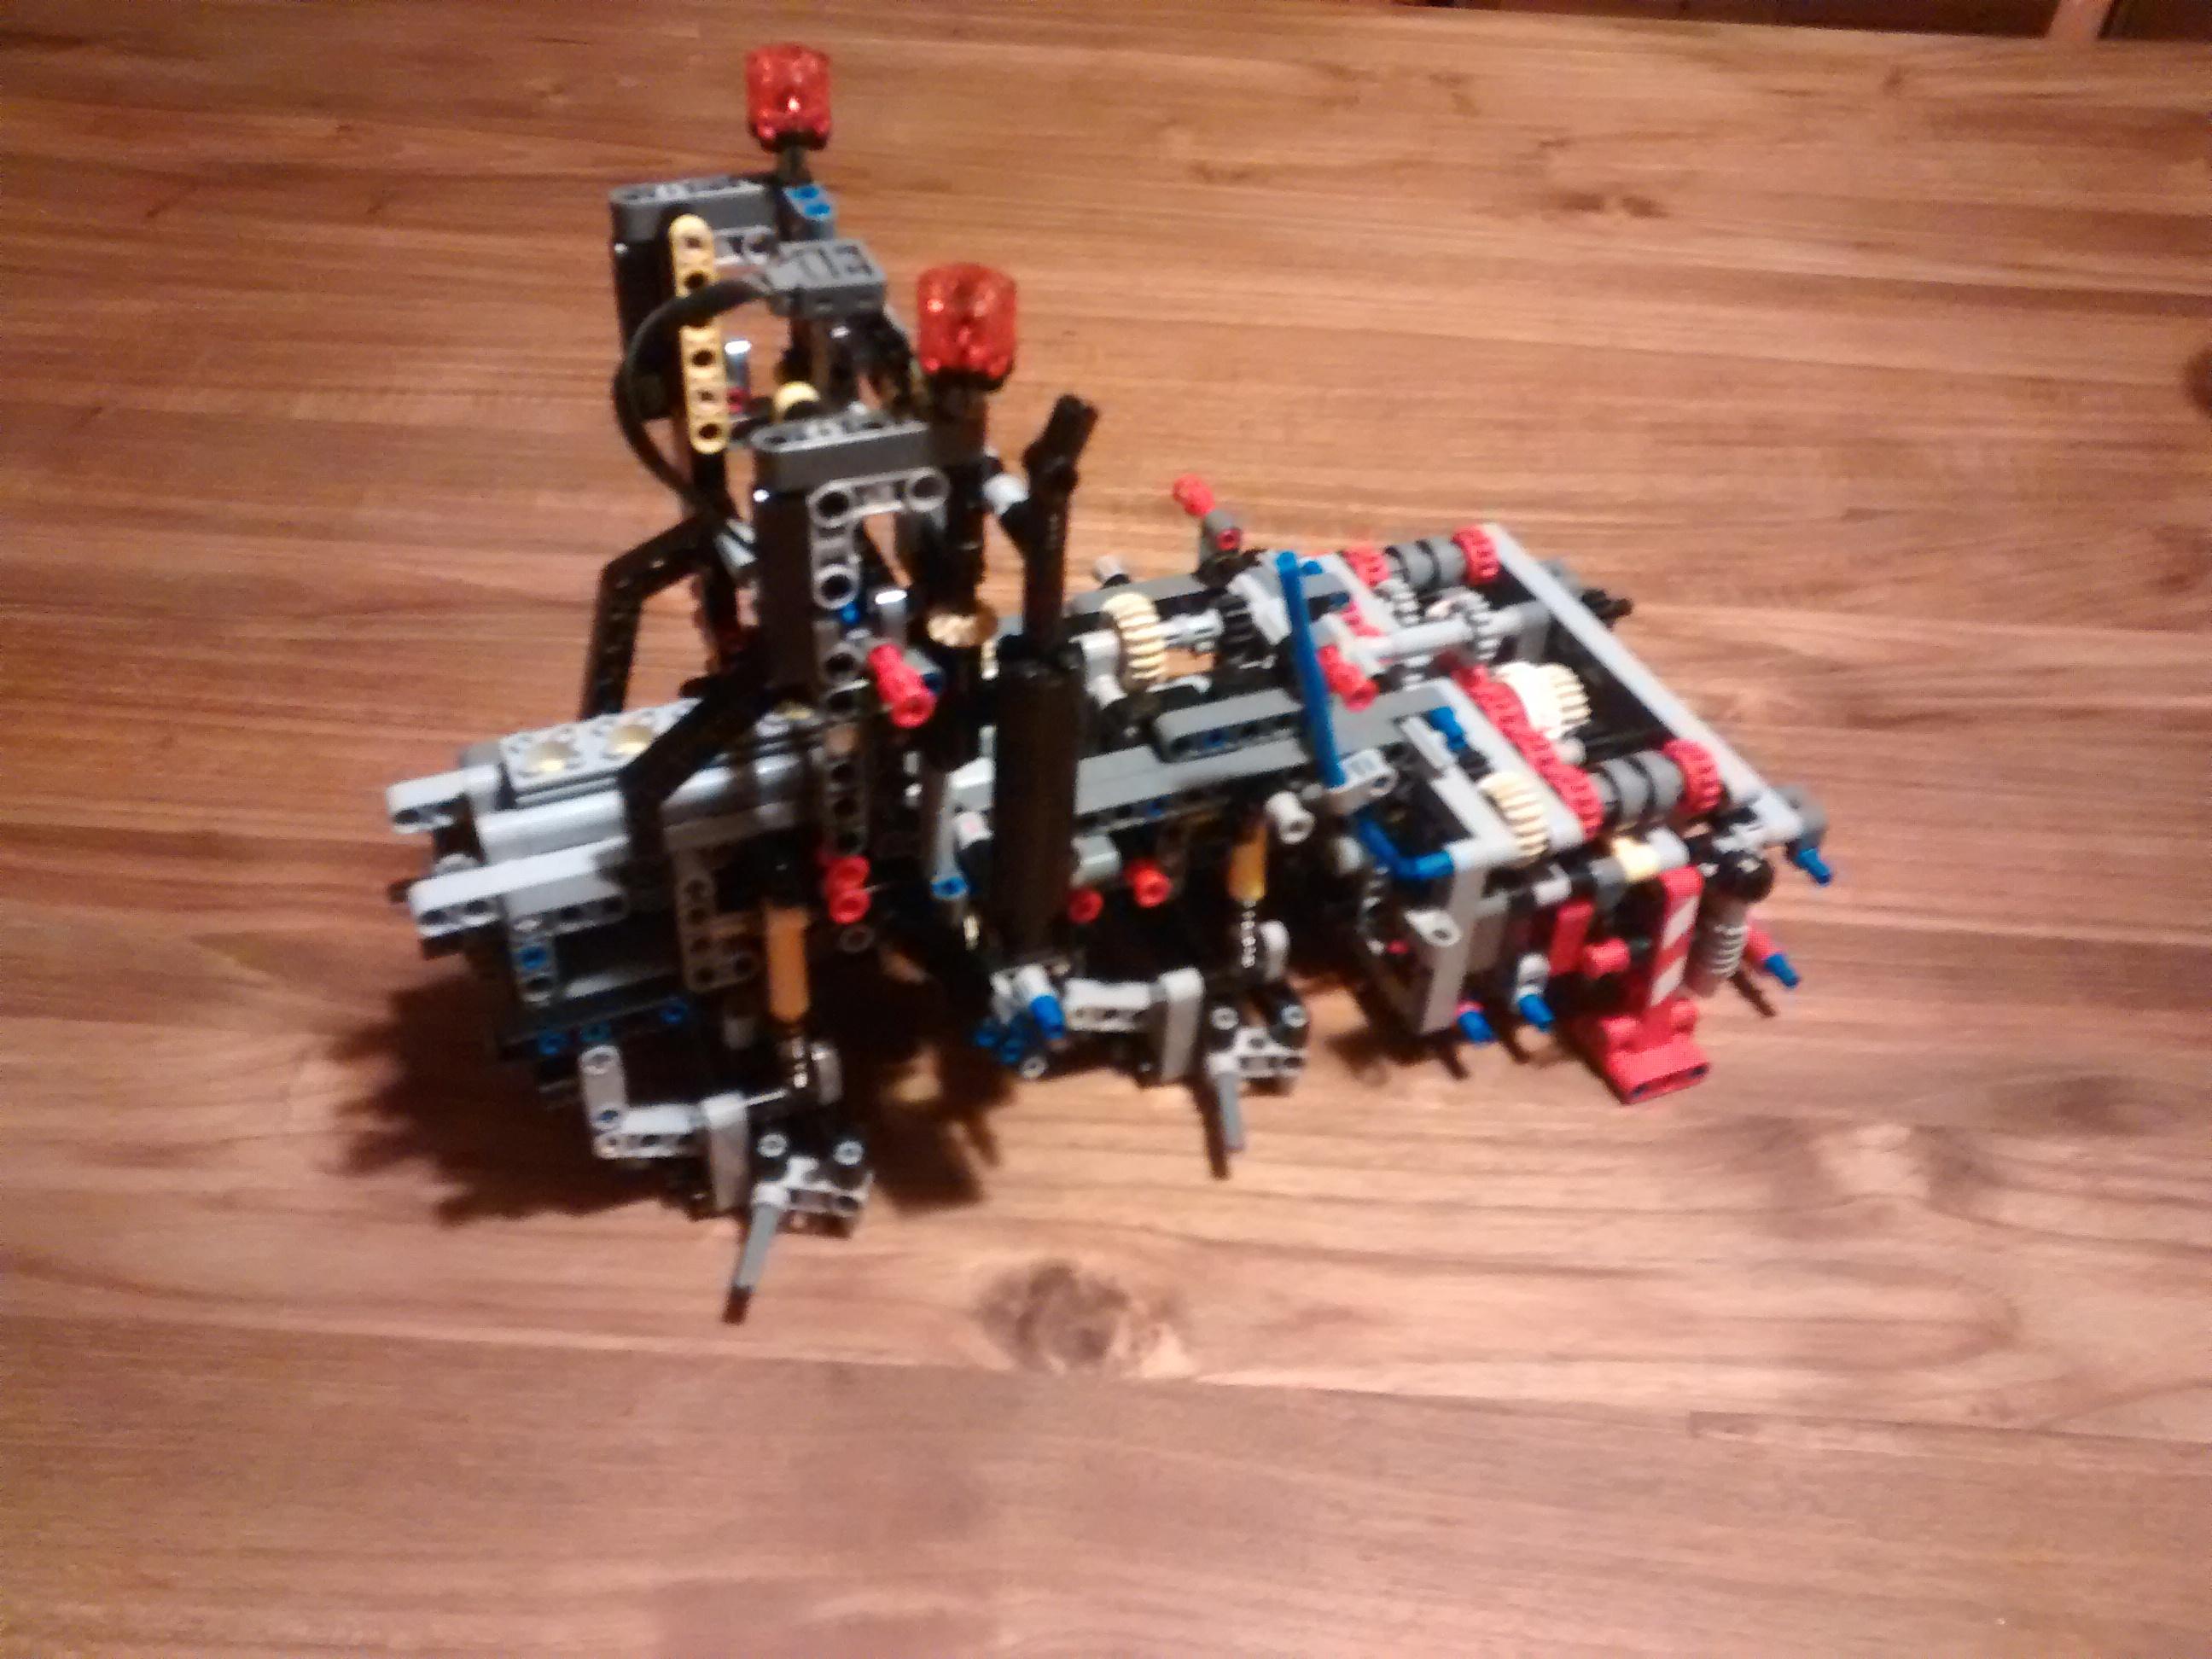 Mercedes Actros 3245 - Lego Technic 42043 - Ansicht nach Tüte 1 und 2